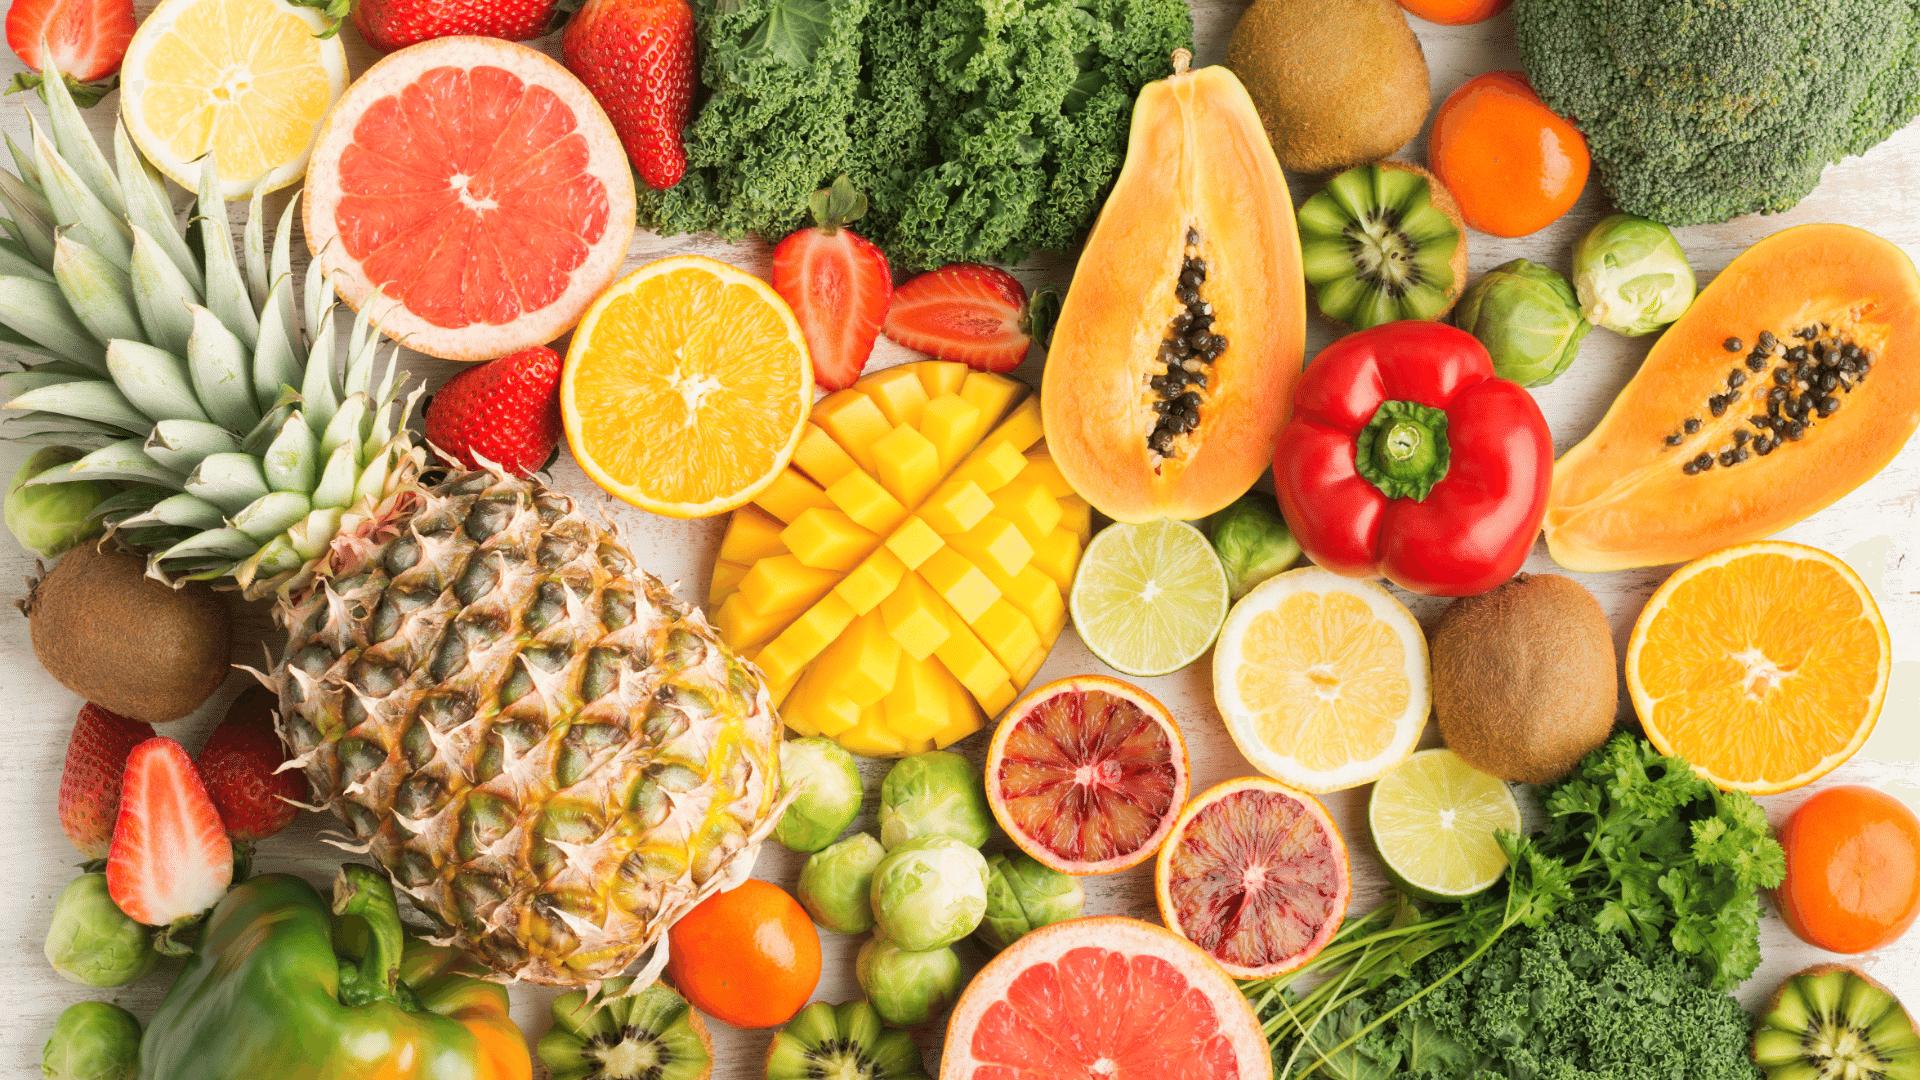 sadje, vitamini in zdrava prehrana